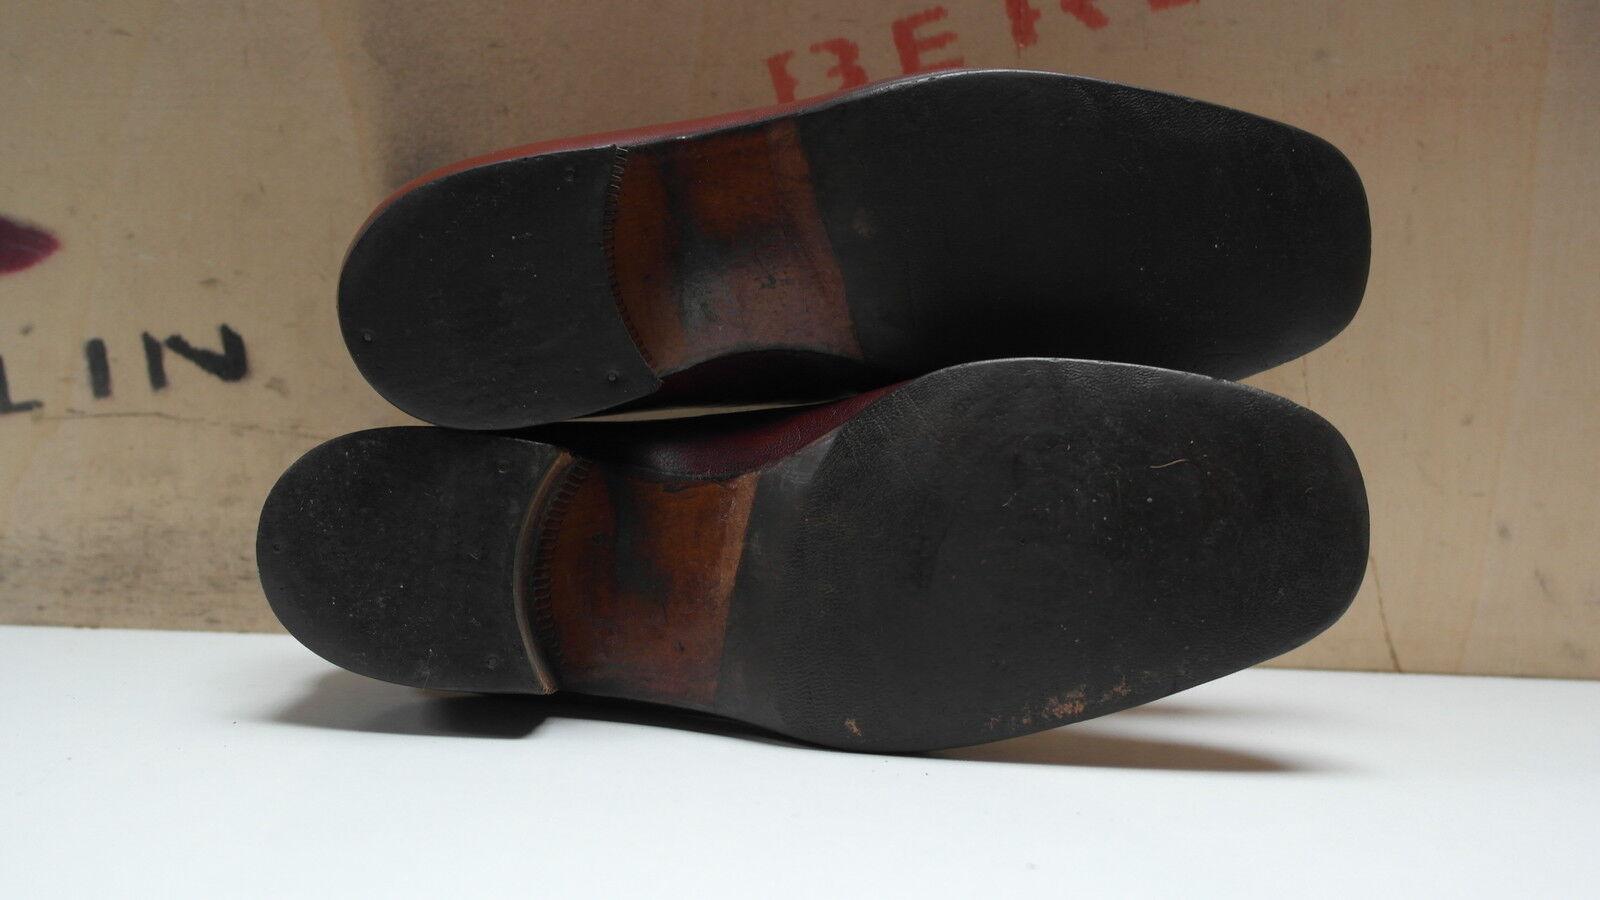 Elegancy Herren Halbschuhe Leder 41 UK 7 Slipper Loafer Loafer Loafer 90er TRUE VINTAGE Schuhe d9c3c9